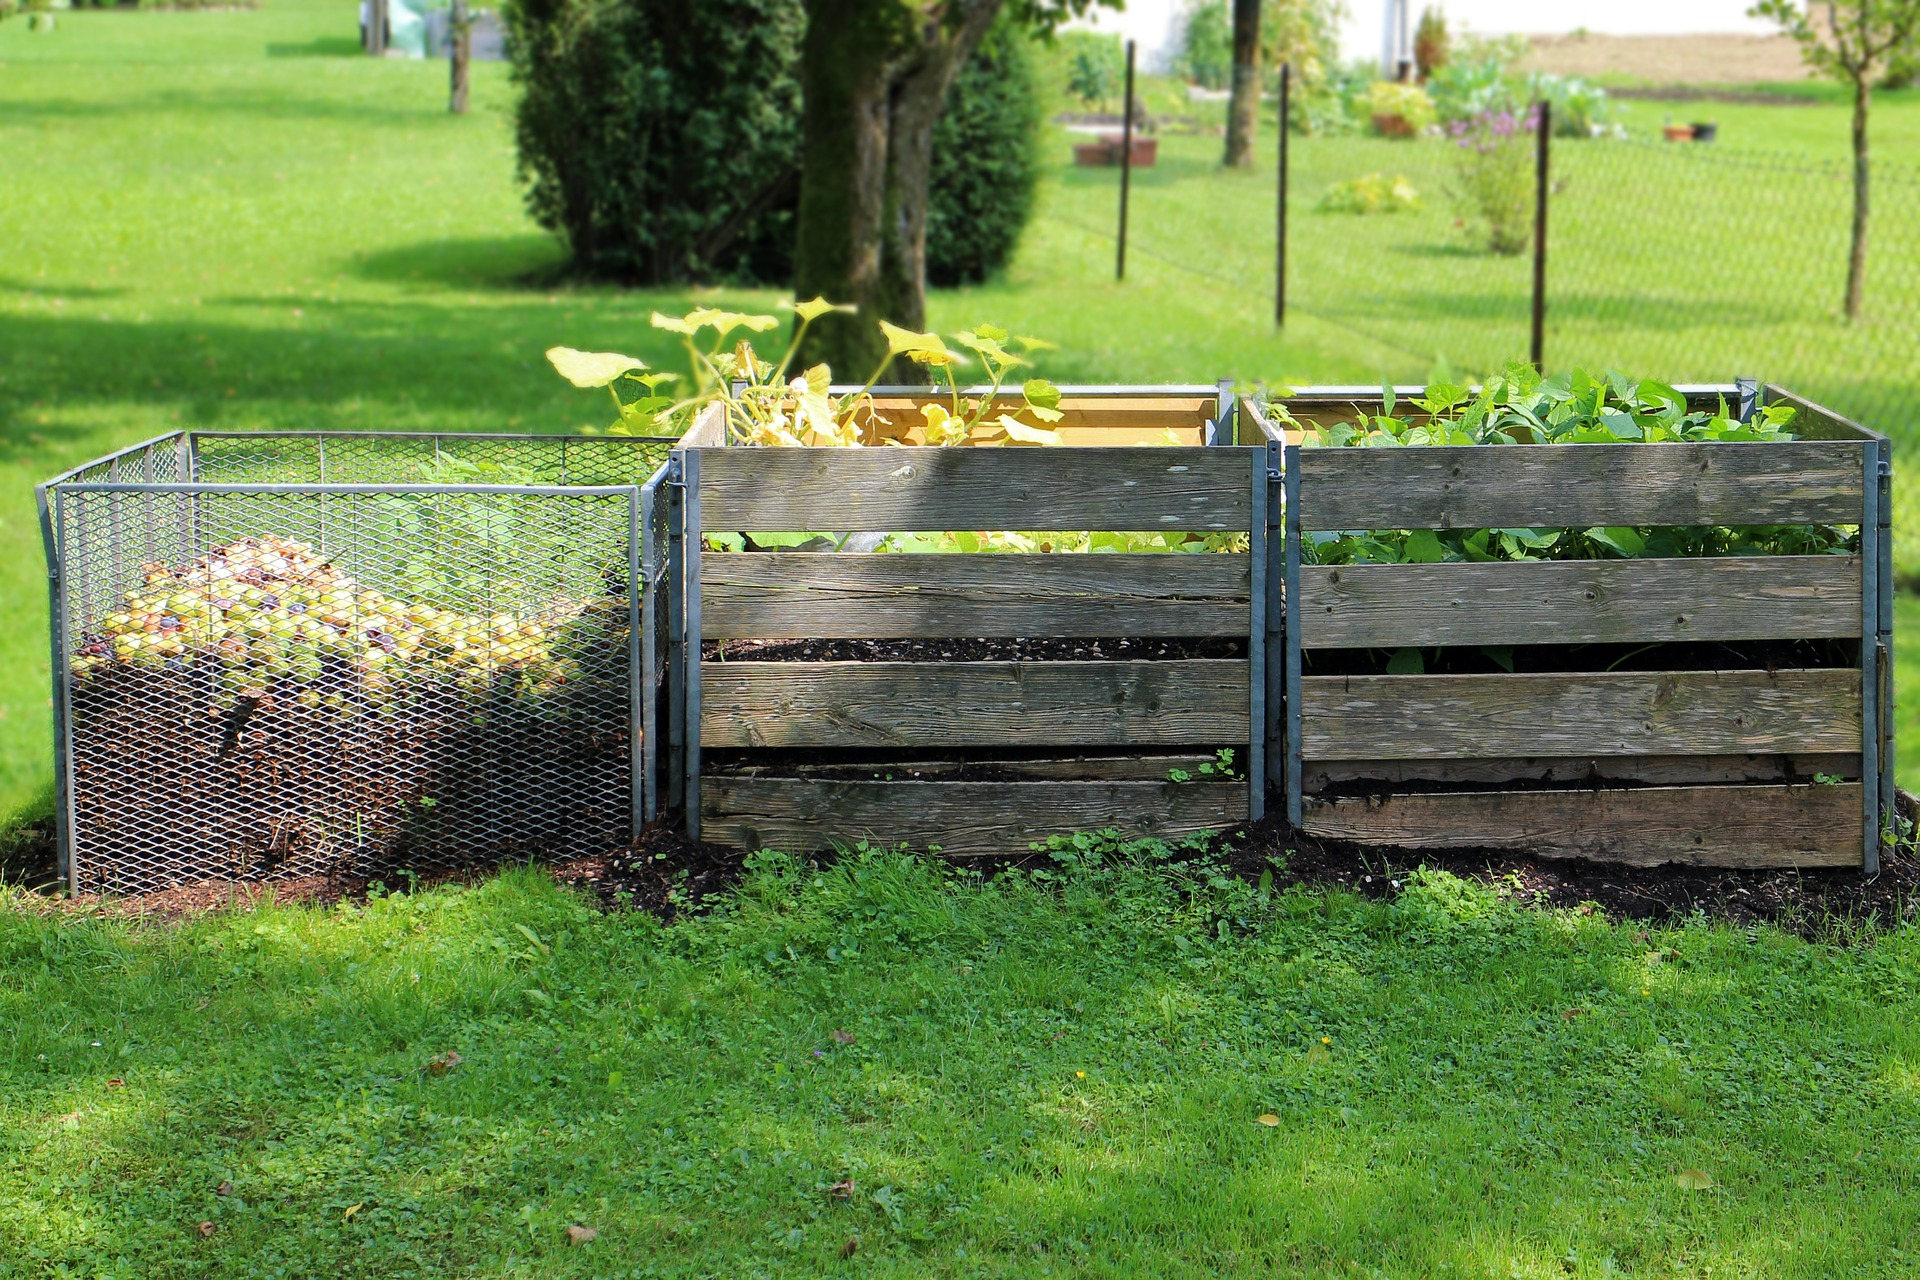 Le compost mode d emploi jardiner autrement - Compost en appartement ...